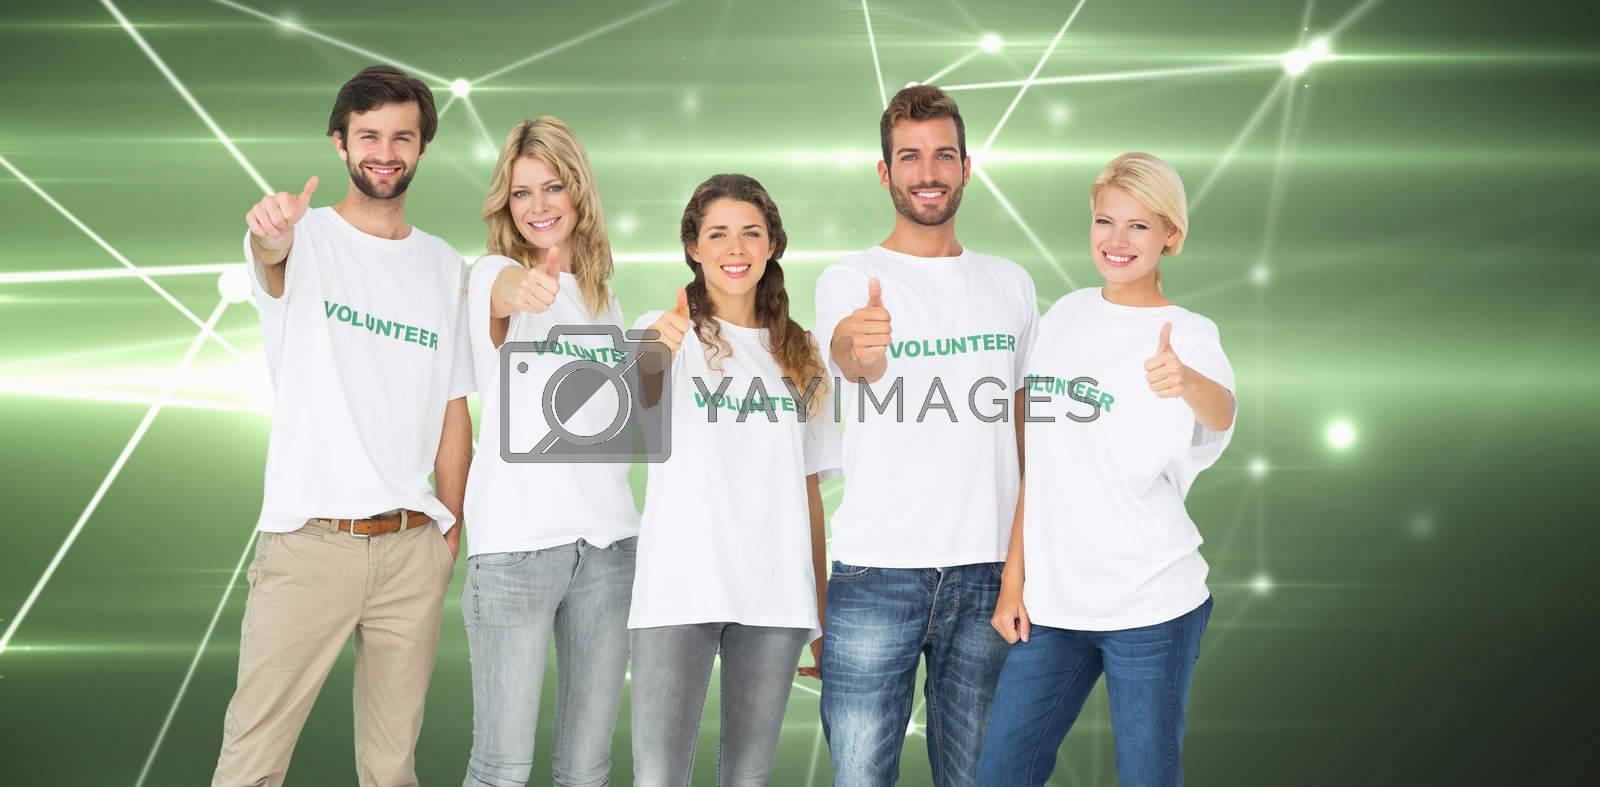 Group portrait of happy volunteers gesturing thumbs up against glowing geometric design